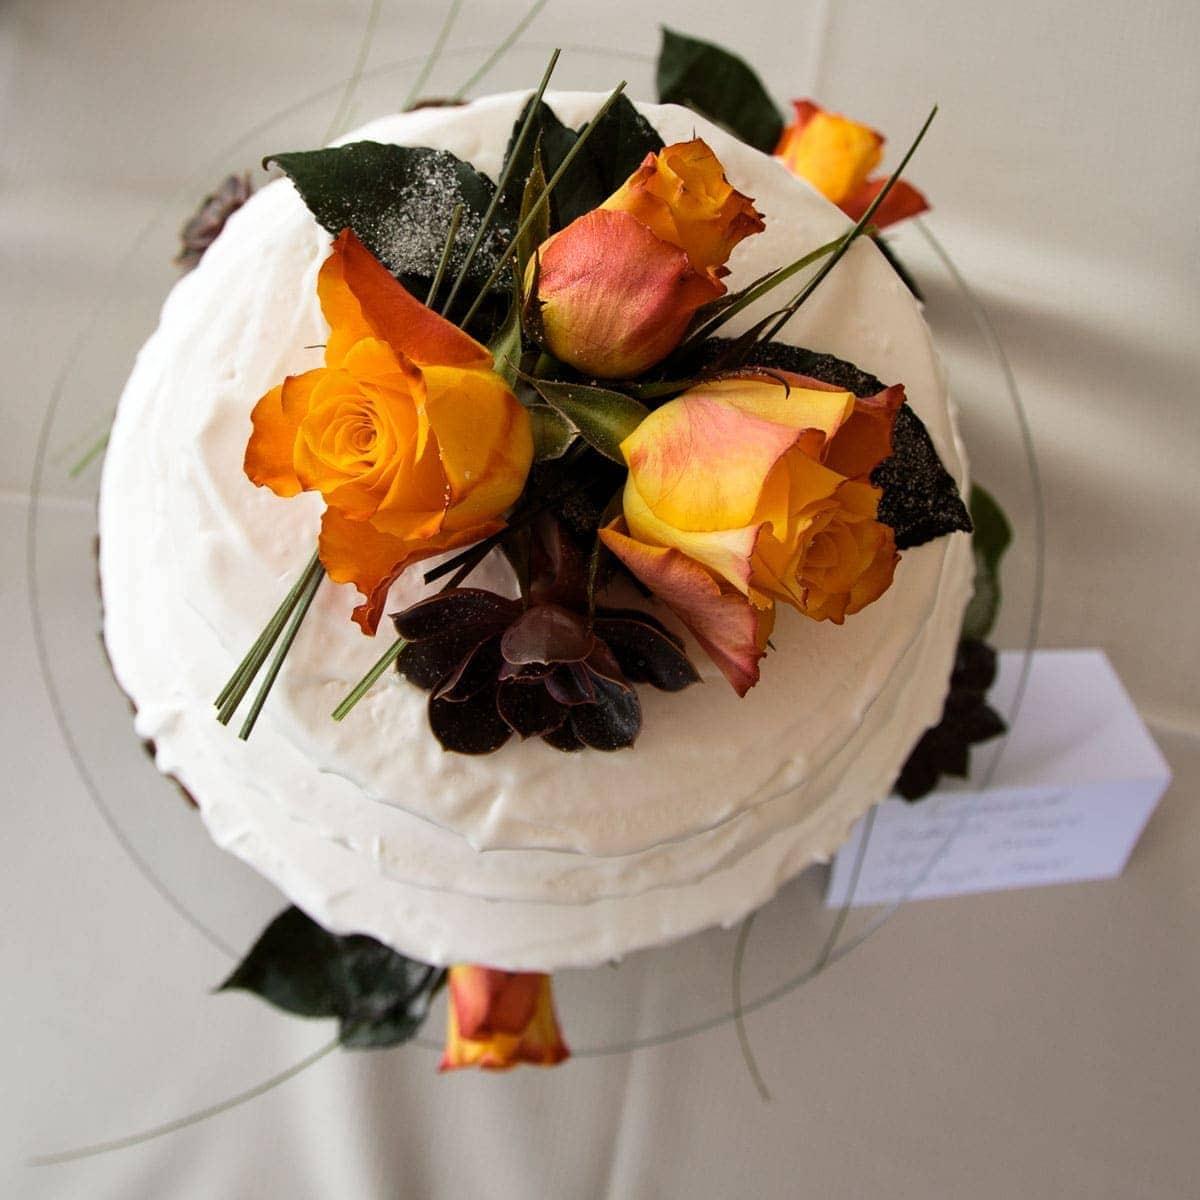 Fotografie einer edlen Hochzeitstorte mit Blumenornamenten